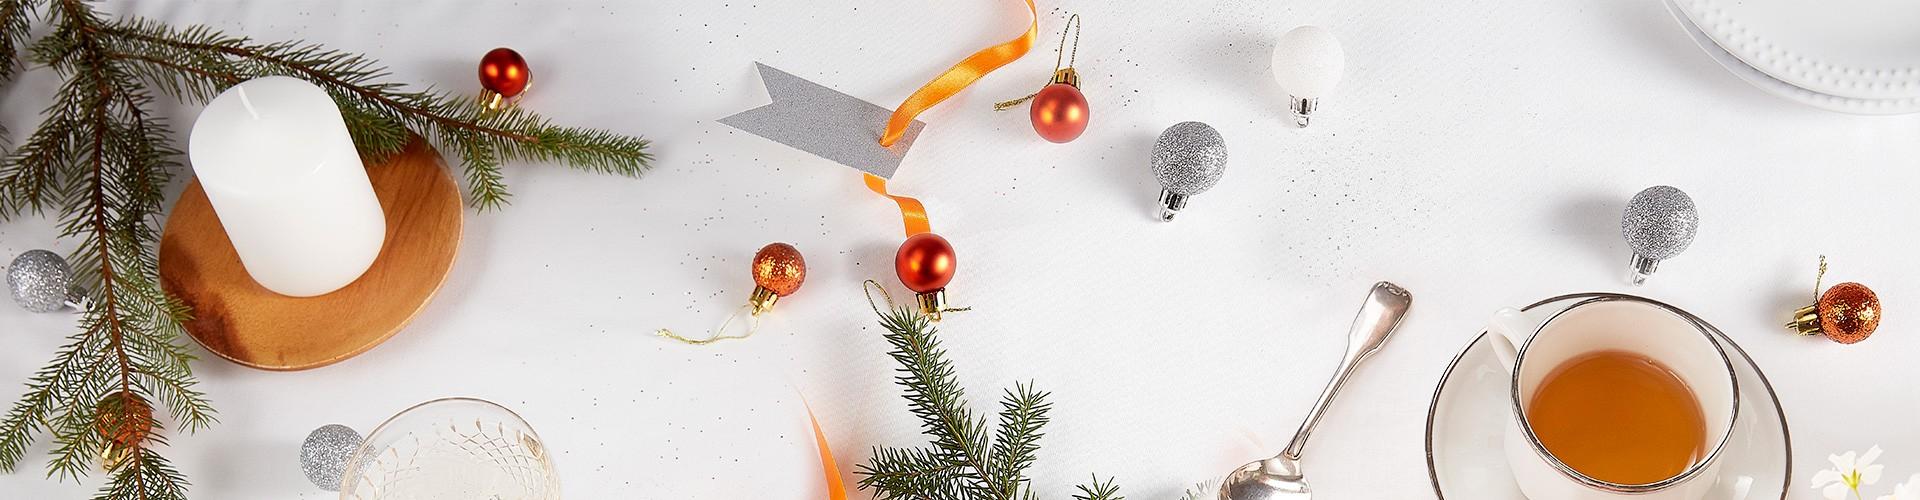 Nos idées gourmandes et festives pour la fin d'année